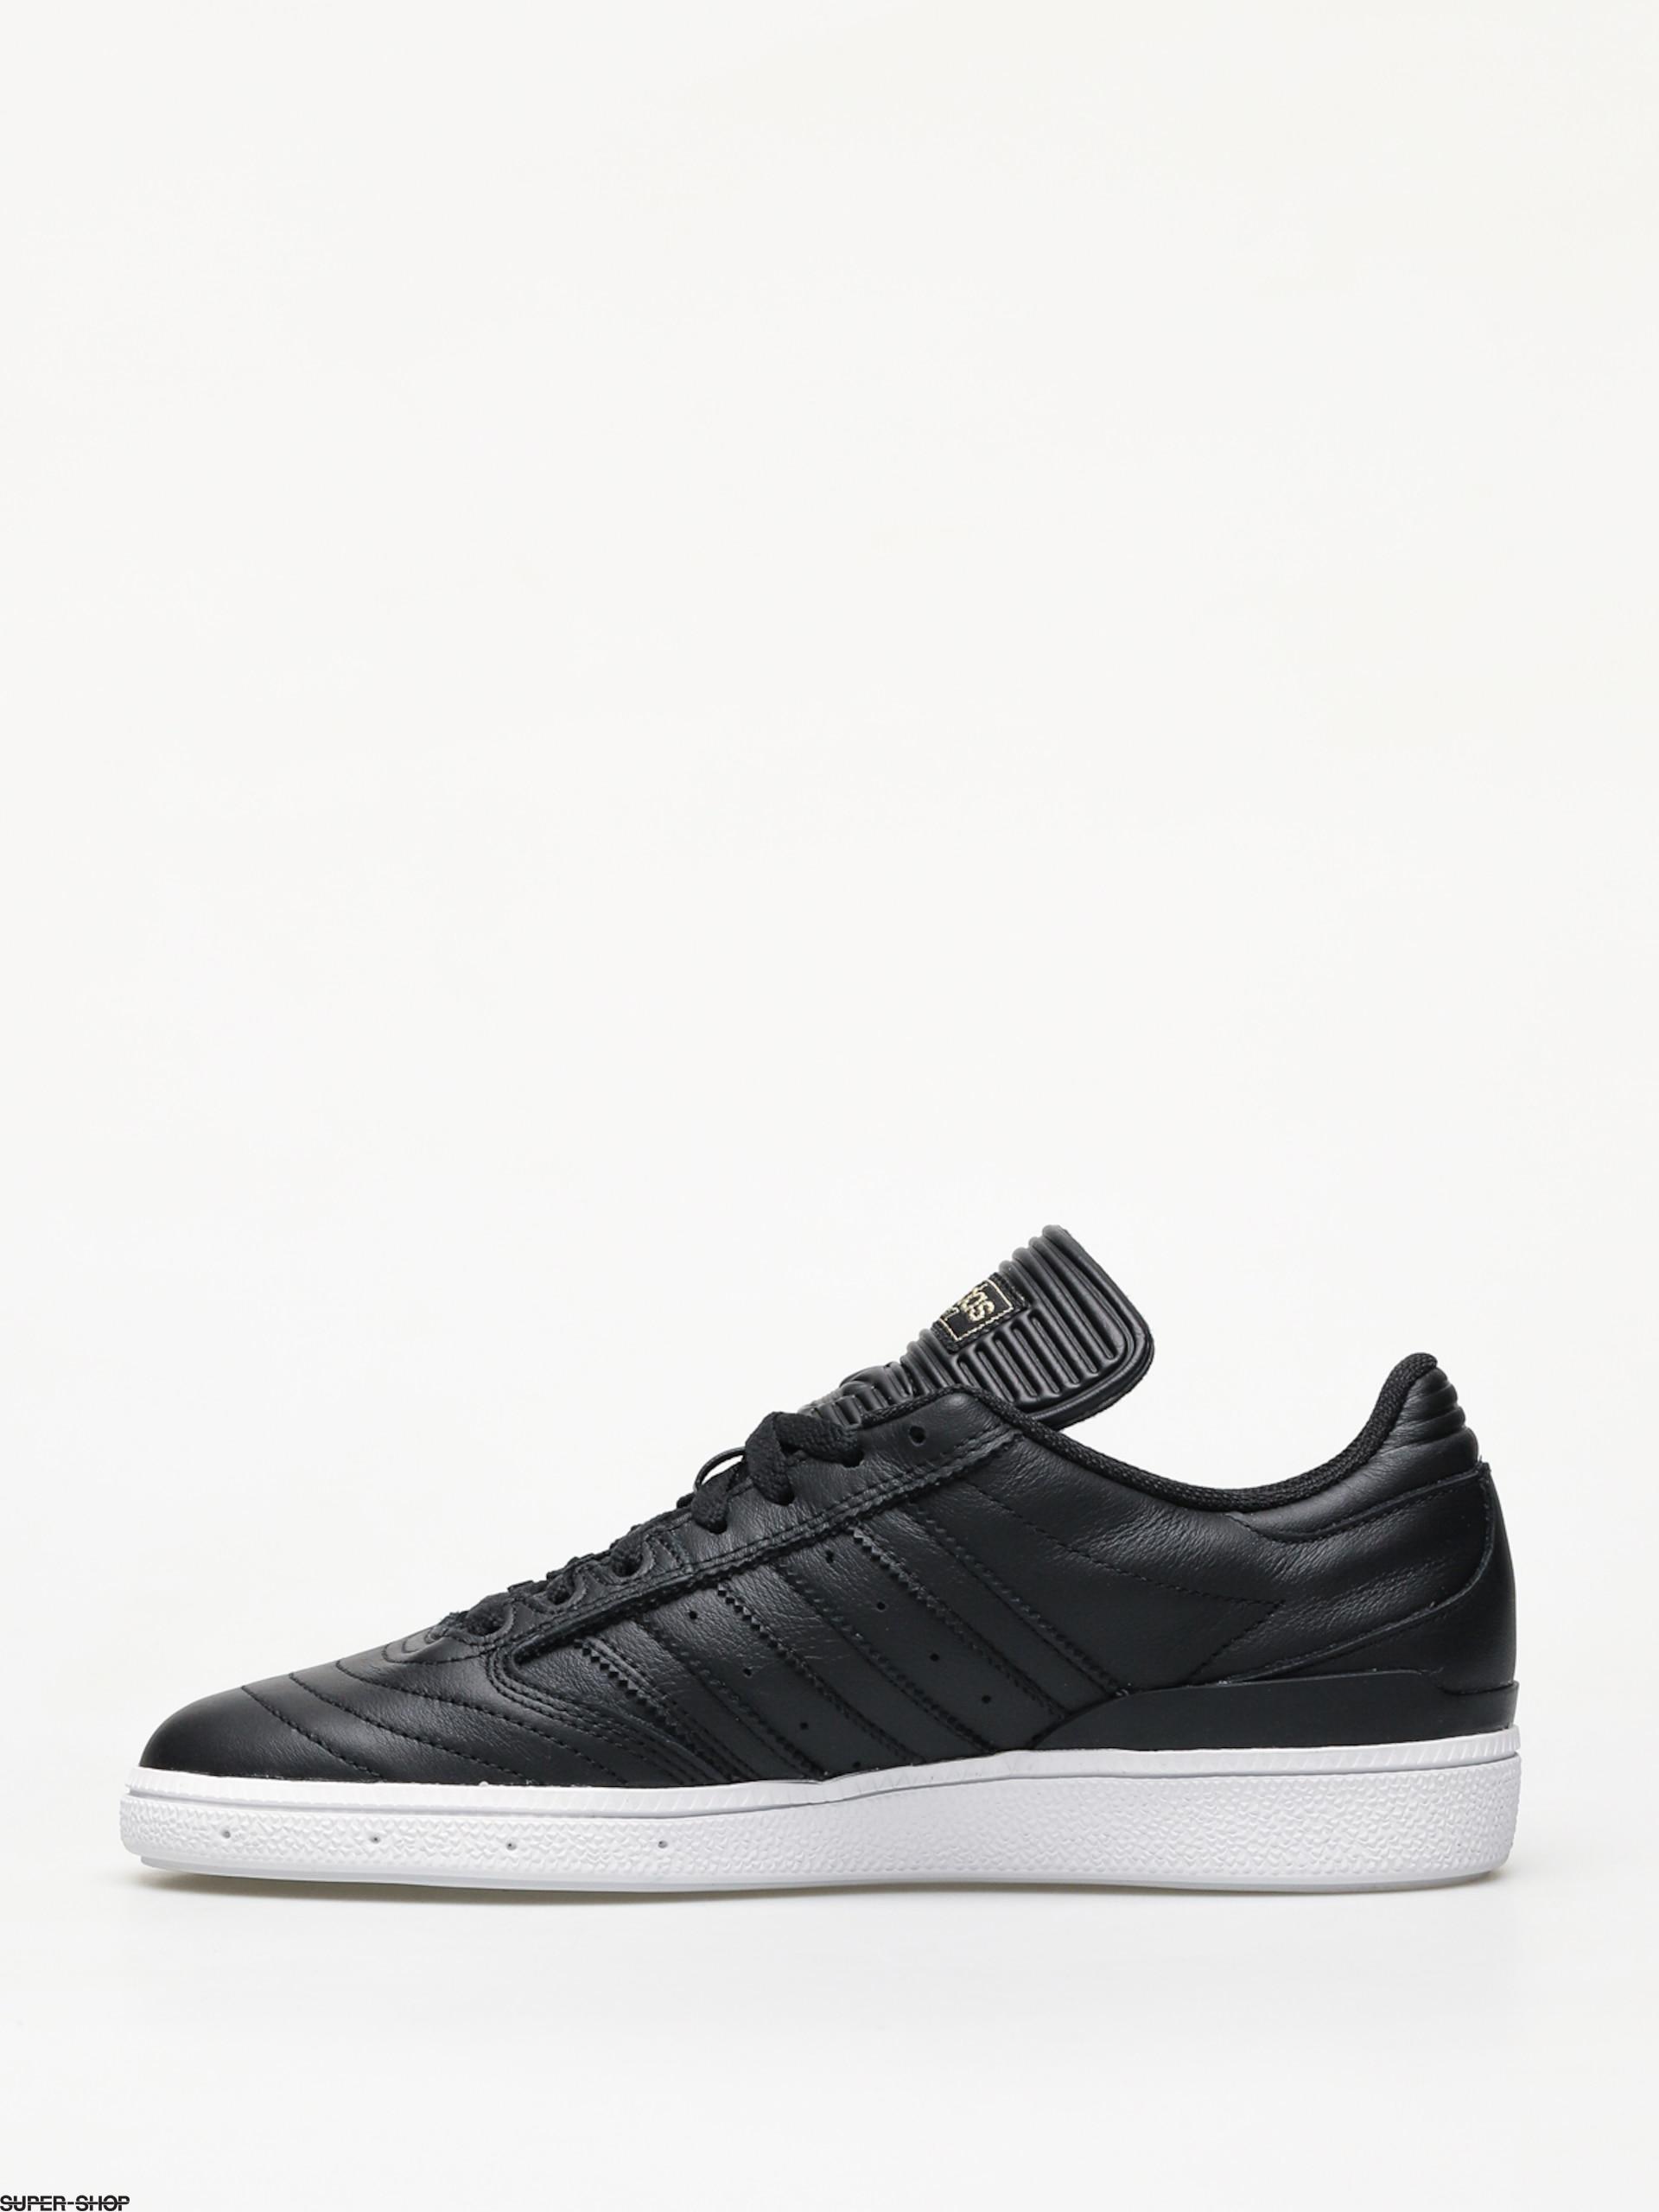 Busenitz White Adidas Shoescore Met ftwr Blackgold lFJ1Kc